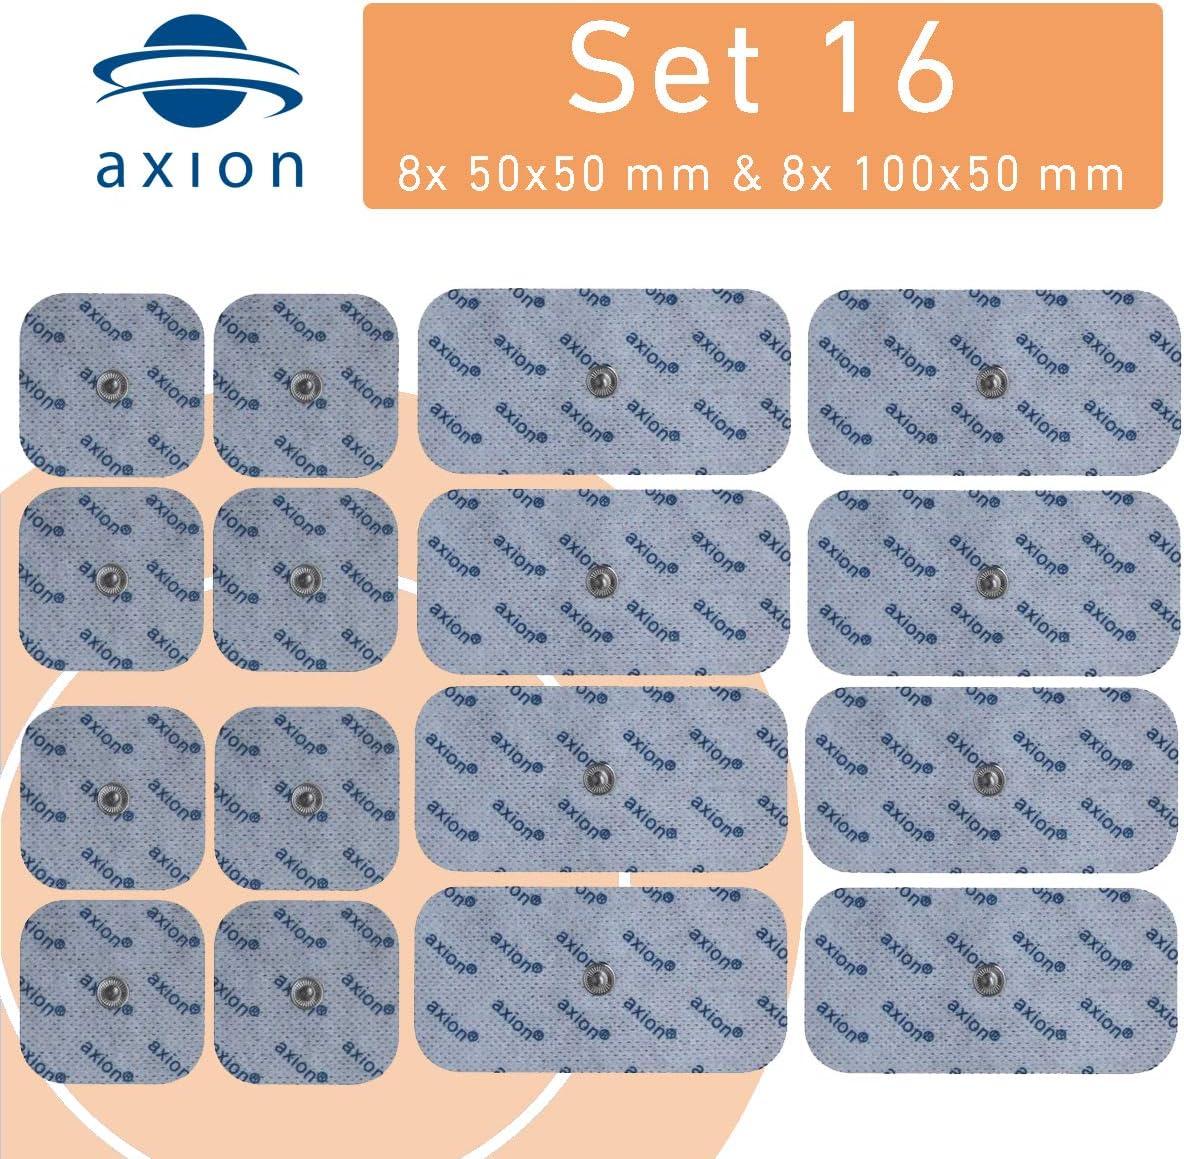 16 Electrodos de 5x5 cm y 10x5 cm - para su aparato TENS EMS electroestimulador VITALCONTROL & Beurer - axion